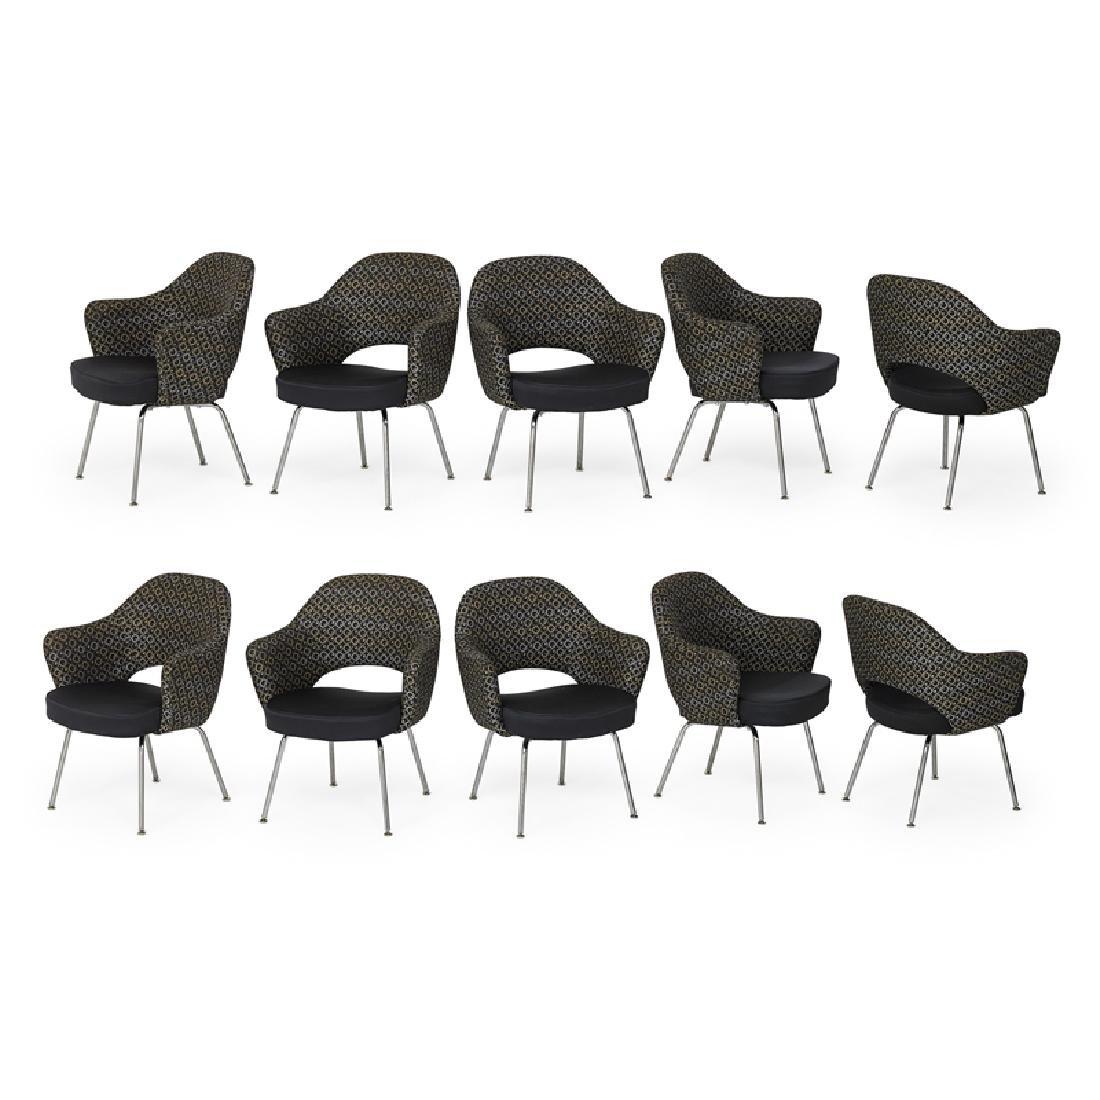 EERO SAARINEN Set of ten Executive armchairs